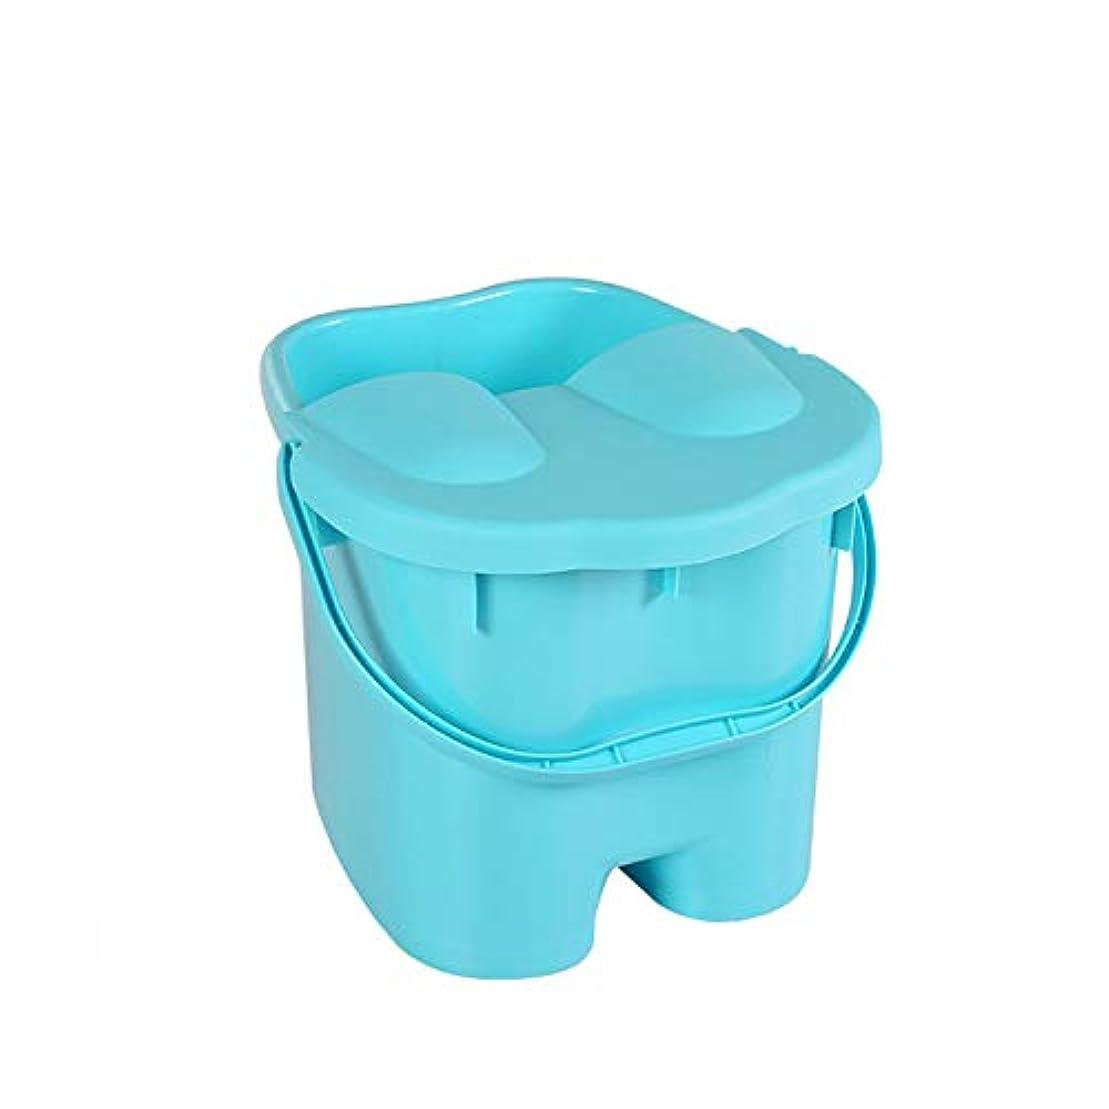 鉛敵復活するポータブル洗足式健康バレルを深化蓋付きの足湯バケツ、プラスチックマッサージ絶縁フットバスバレル、高め肥厚フットバスタブ、-blue-L